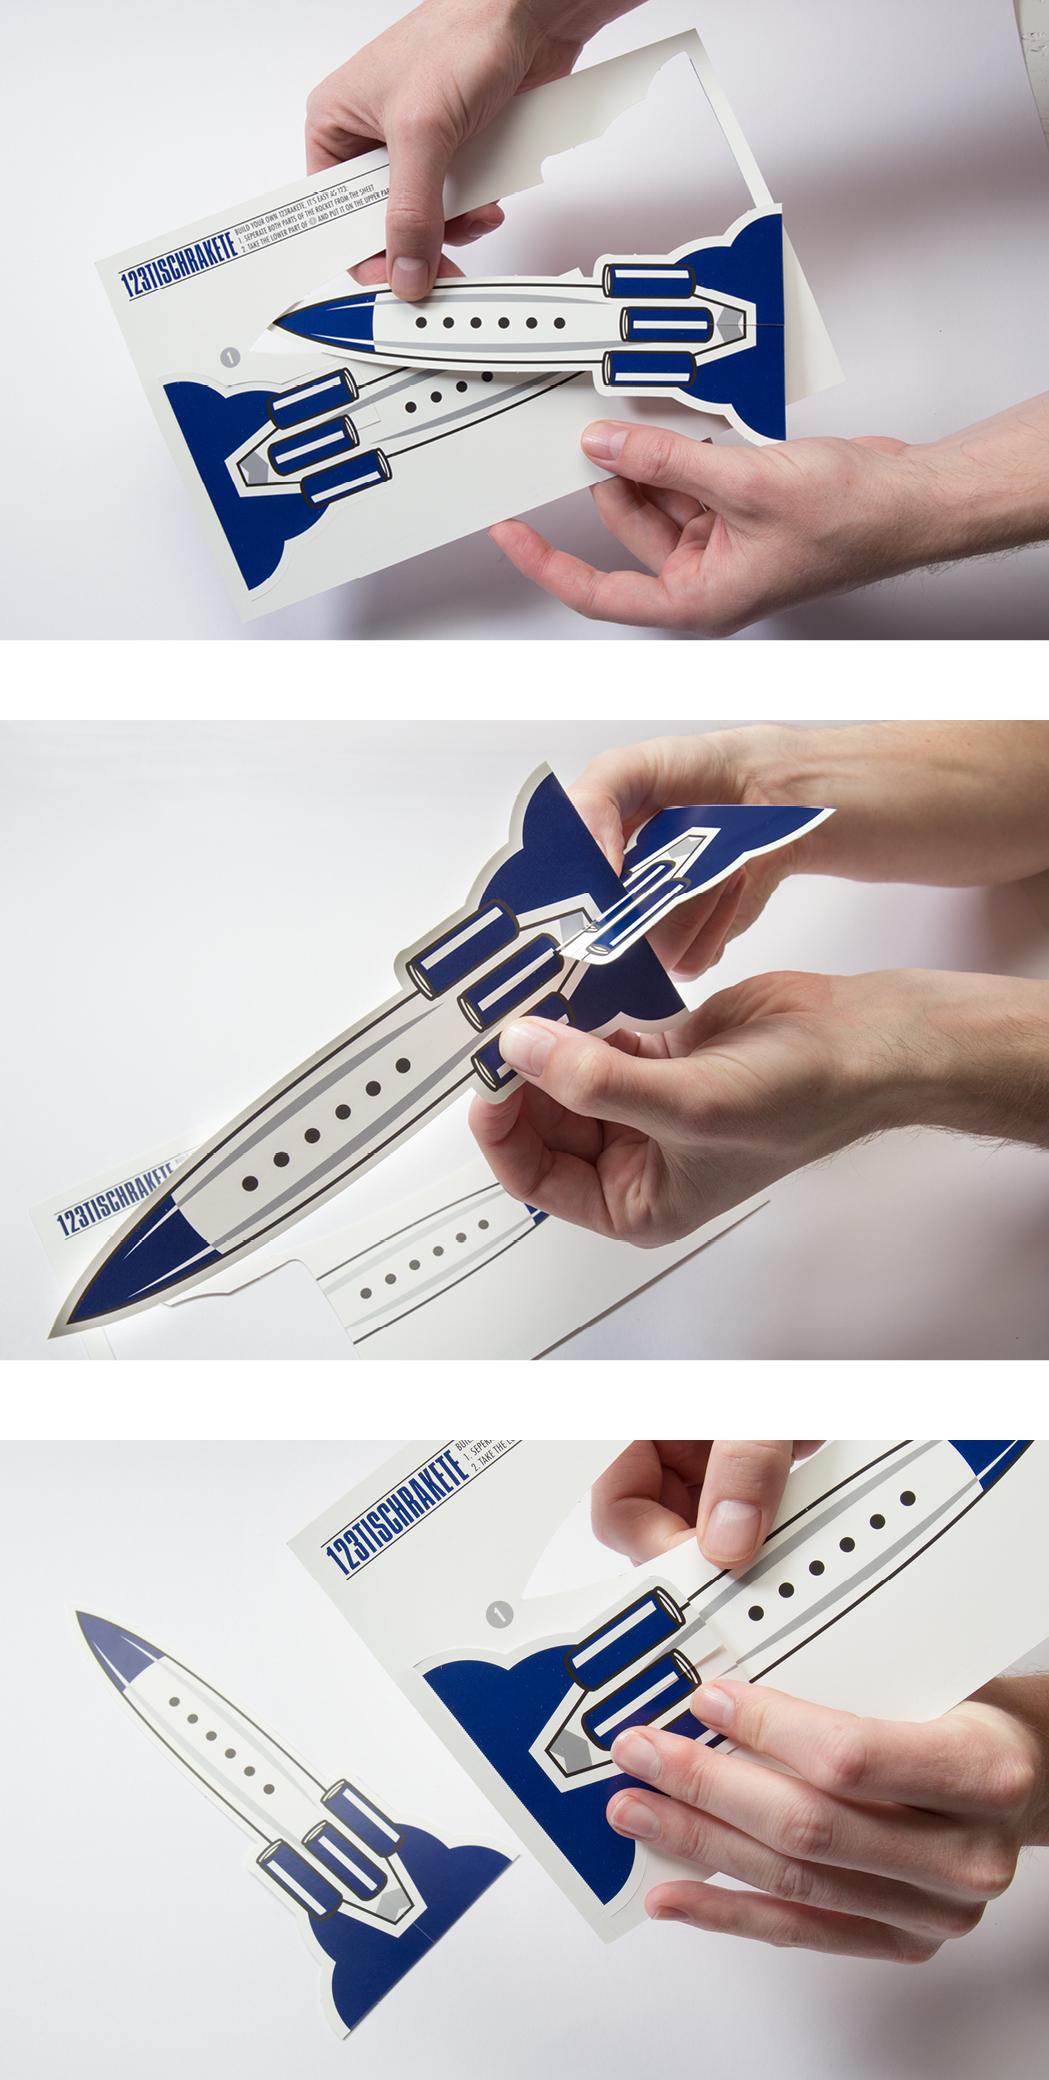 Bastelanleitung für blaue Rakete auf weißem Hintergrund für die 123Tischrakte. Mit Perforierung um aus der Rakete eine kleinen Raktenaufsteller zu bauen. Für die Party 123 Rakte von Red Bull gestaltet von den sons of panema, Grafikbüro in Köln.